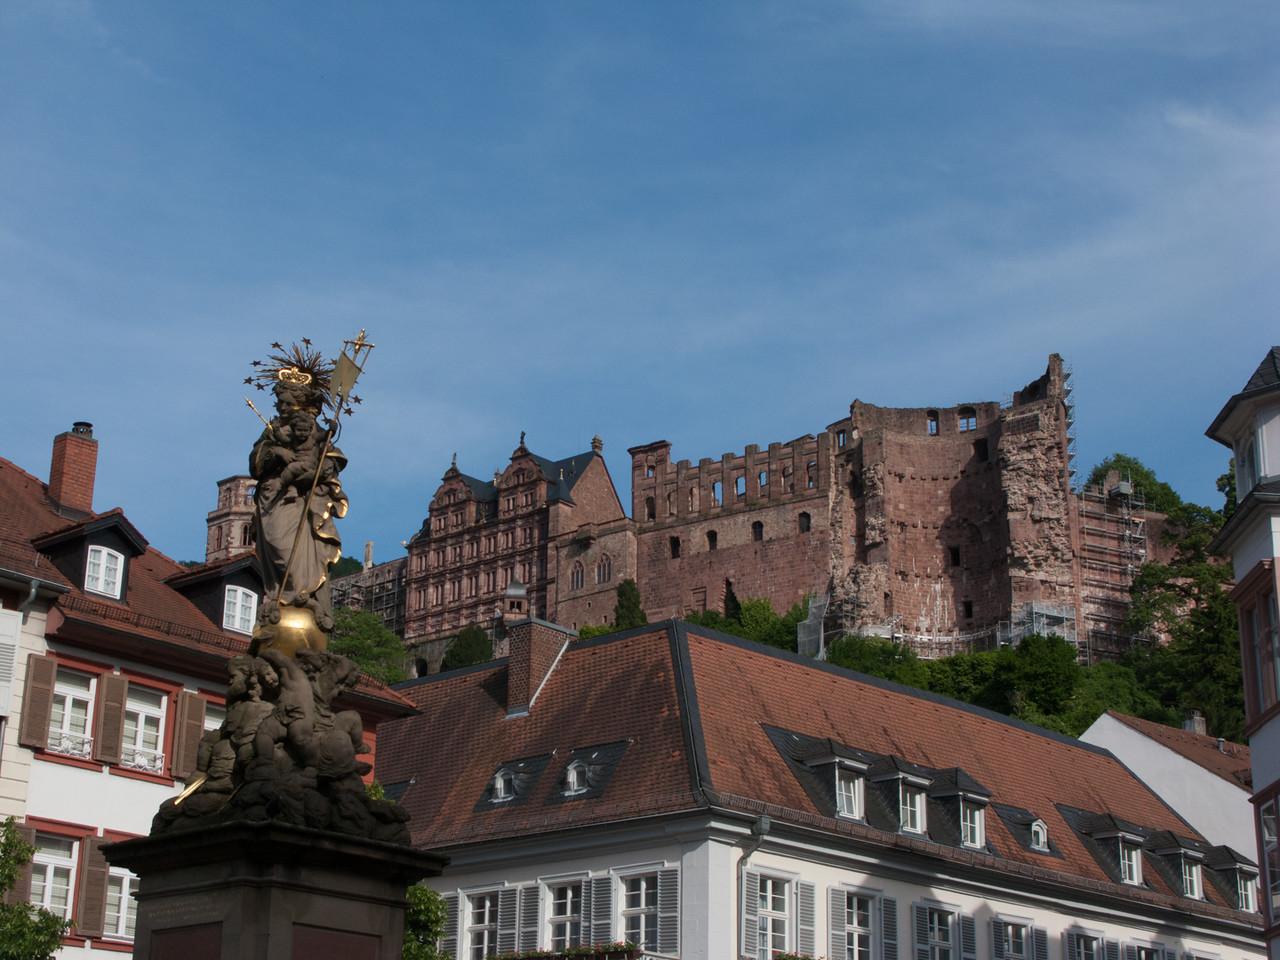 heidelberg_2014-05-20_1037